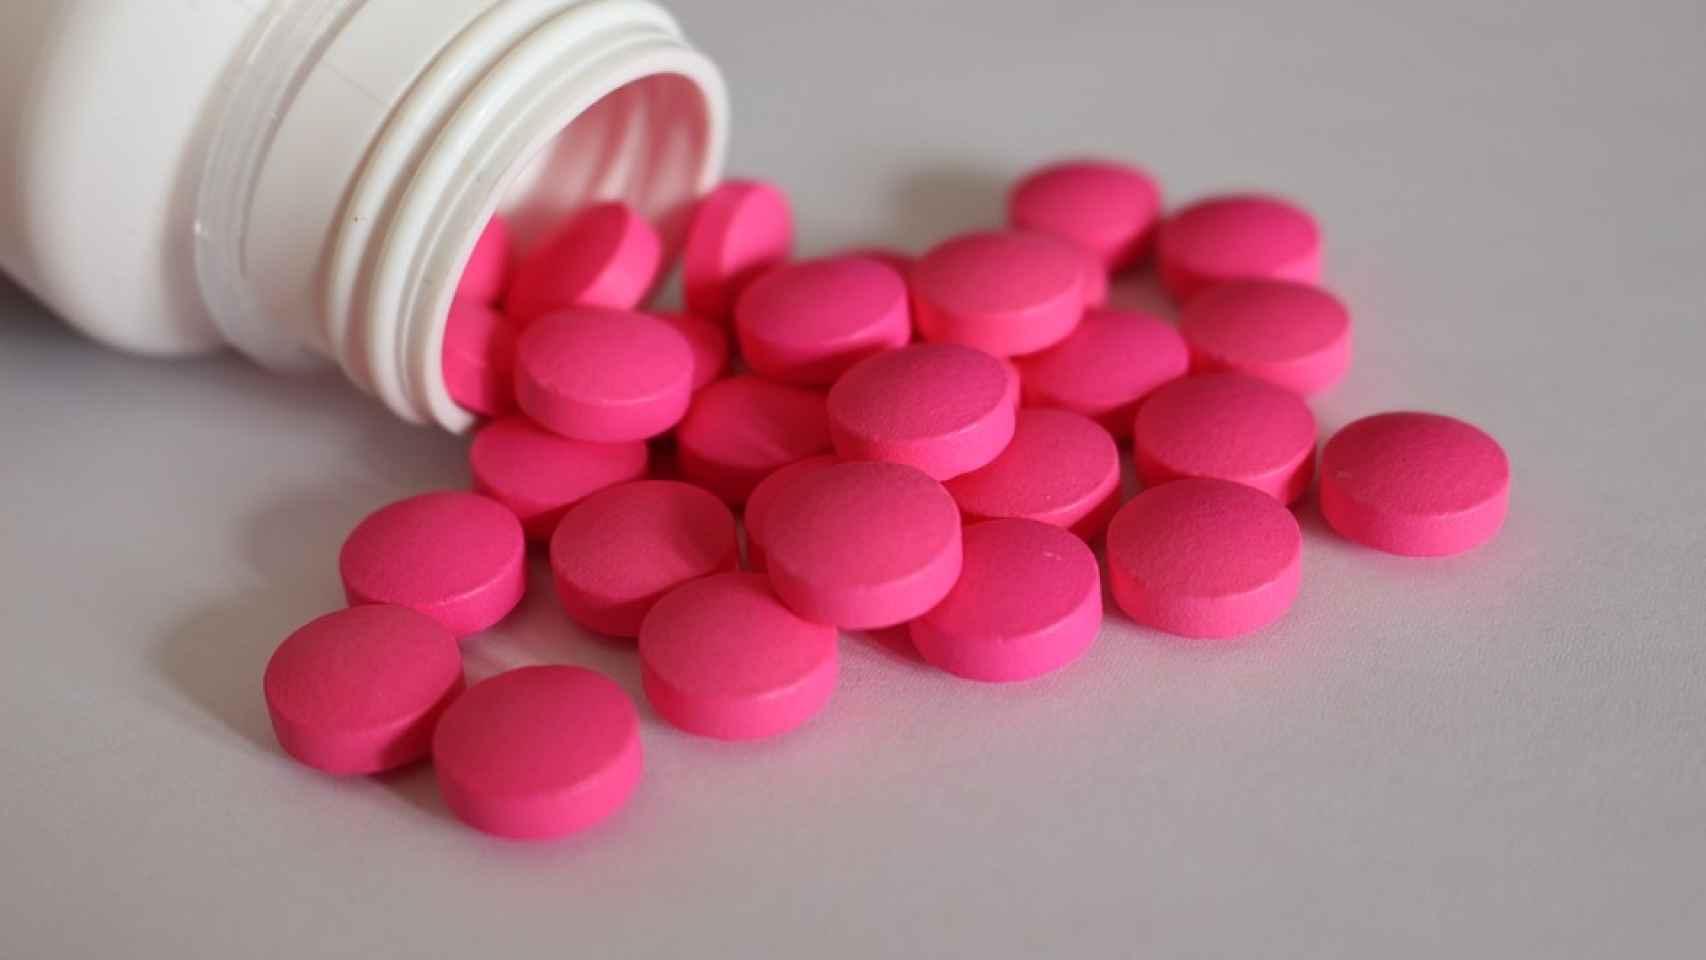 éste Es El Paracetamol De 1 Gramo Que Sí Puedes Comprar Sin Receta